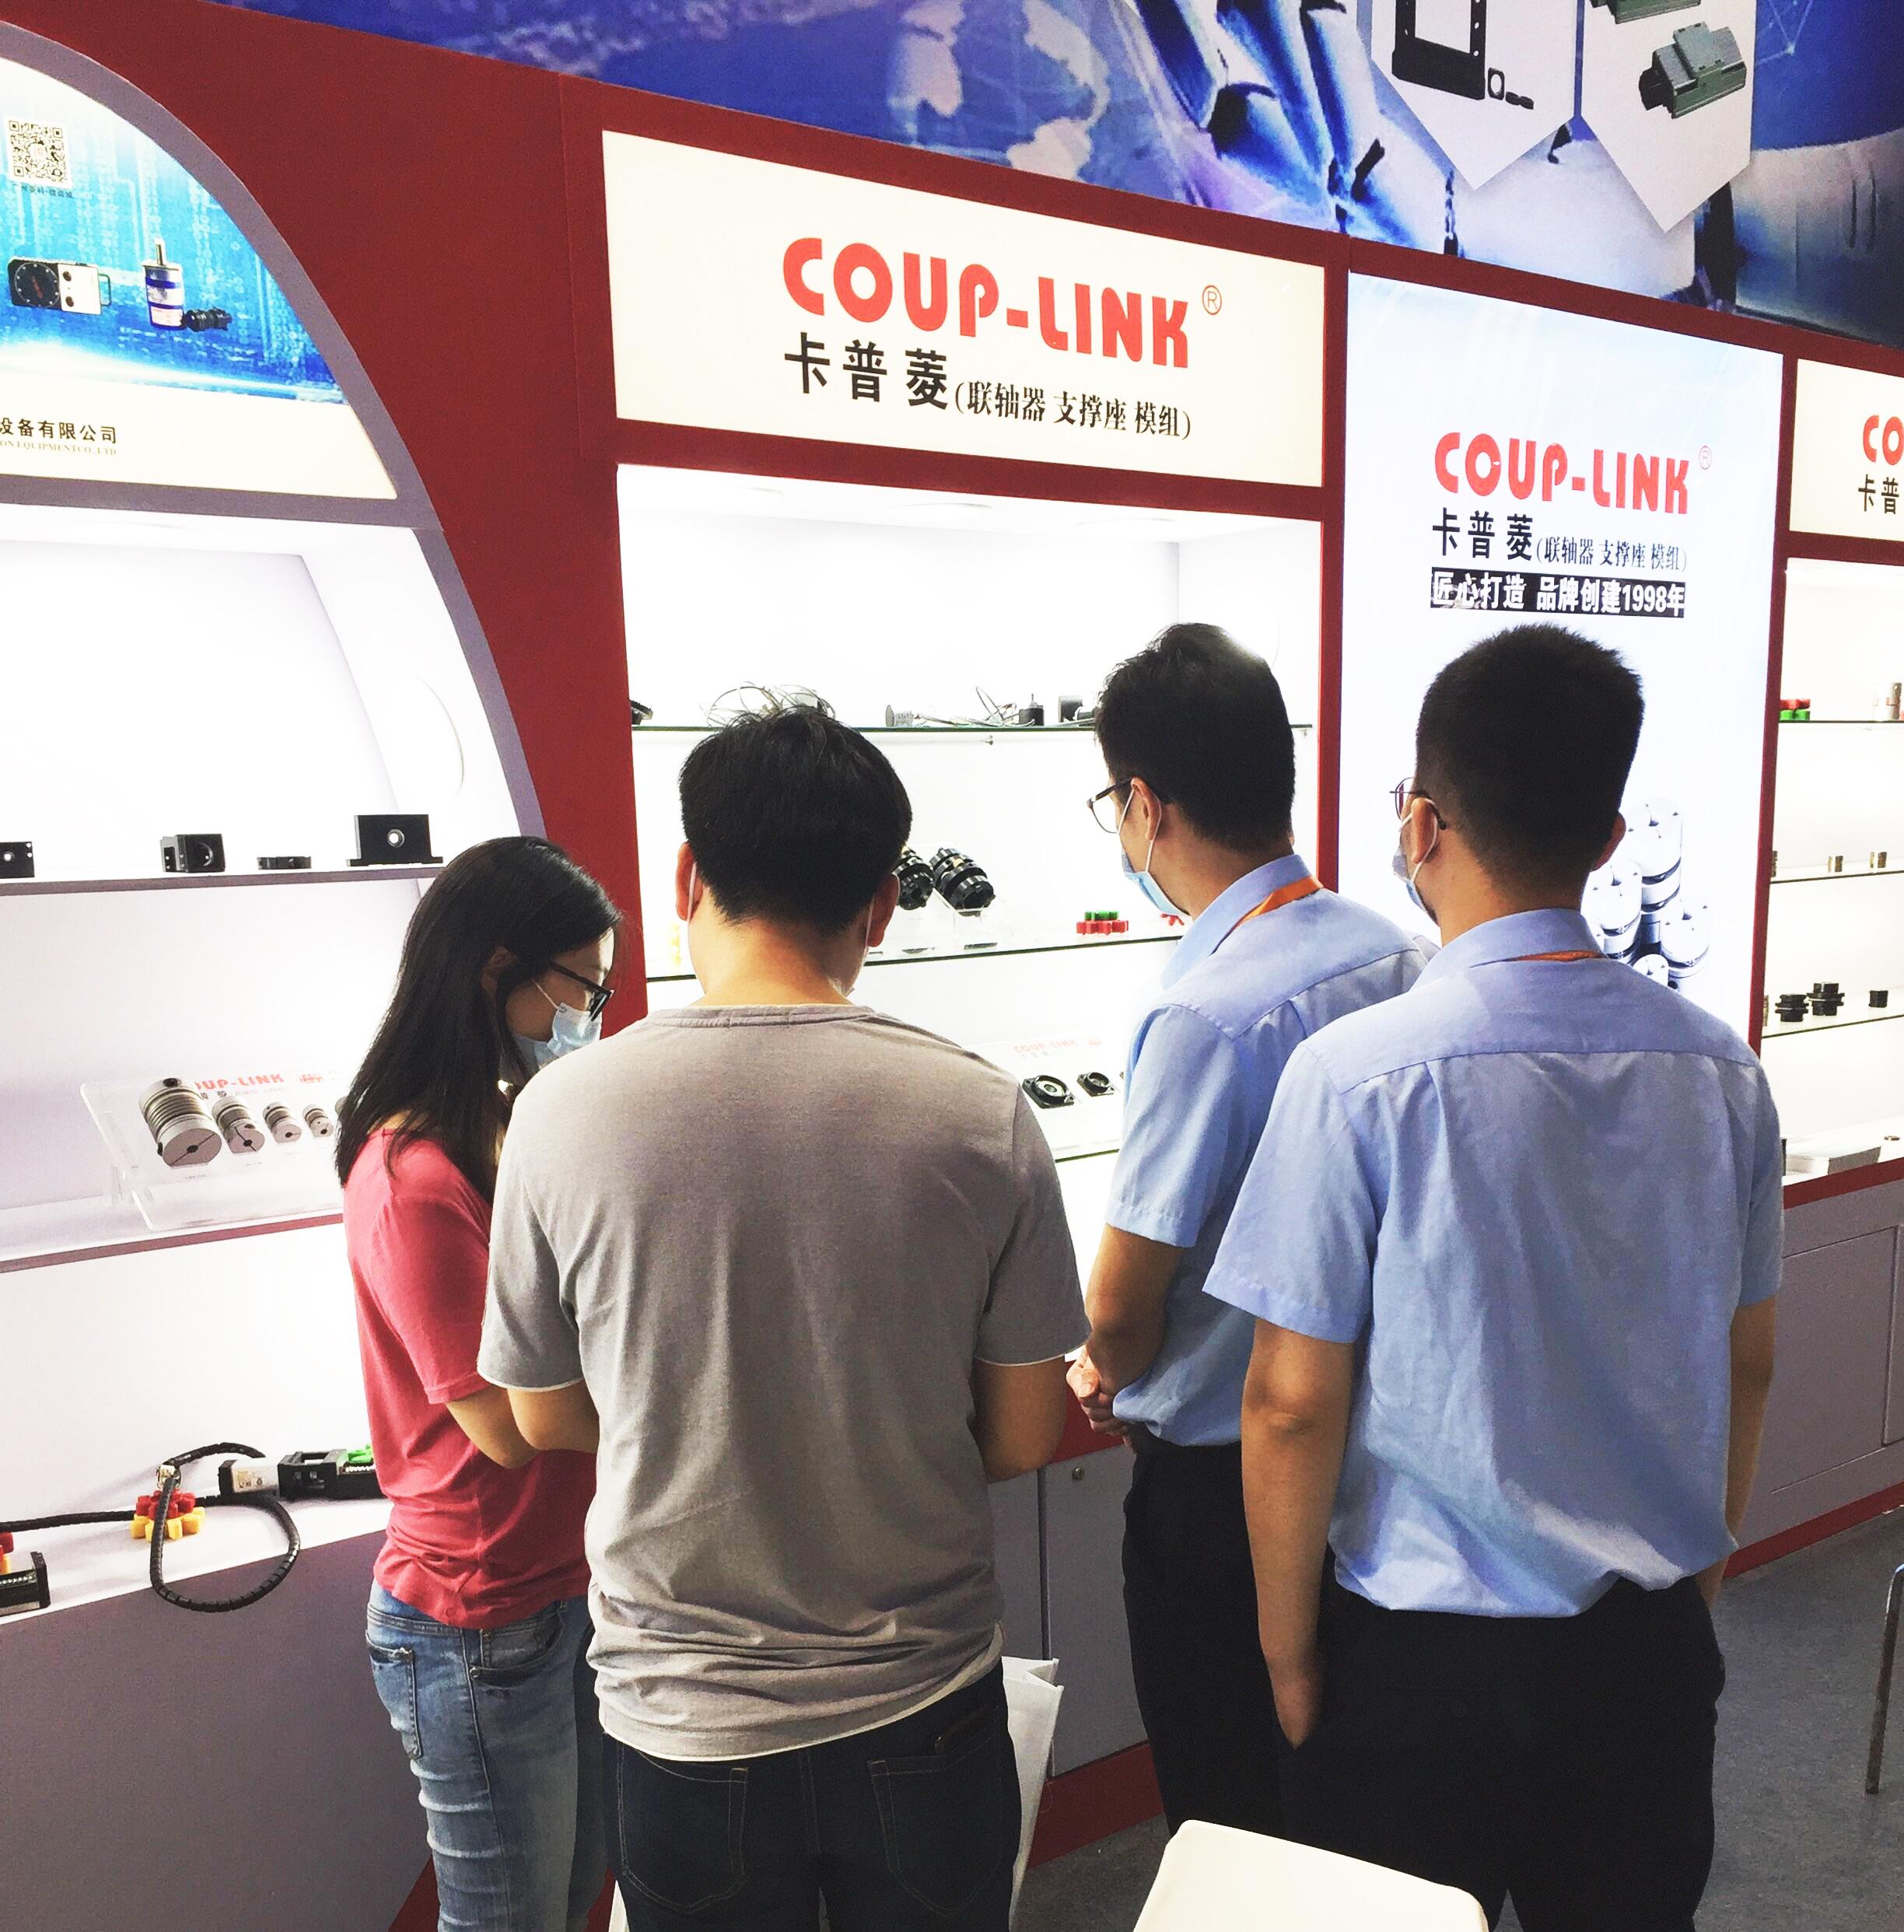 2020年9月(上海工博会)中国国际工业自动化展览会_联轴器的选择-广州菱科自动化设备有限公司